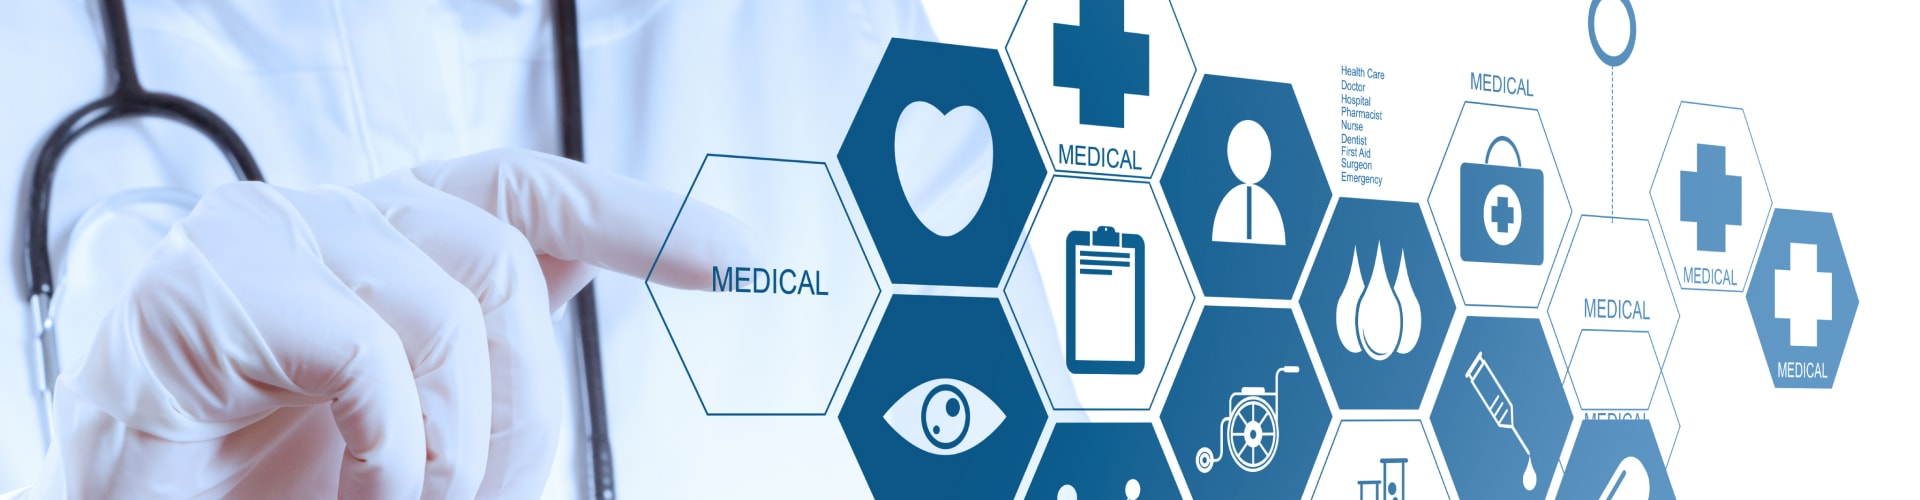 медицинские вузы в Чехии eurostudy